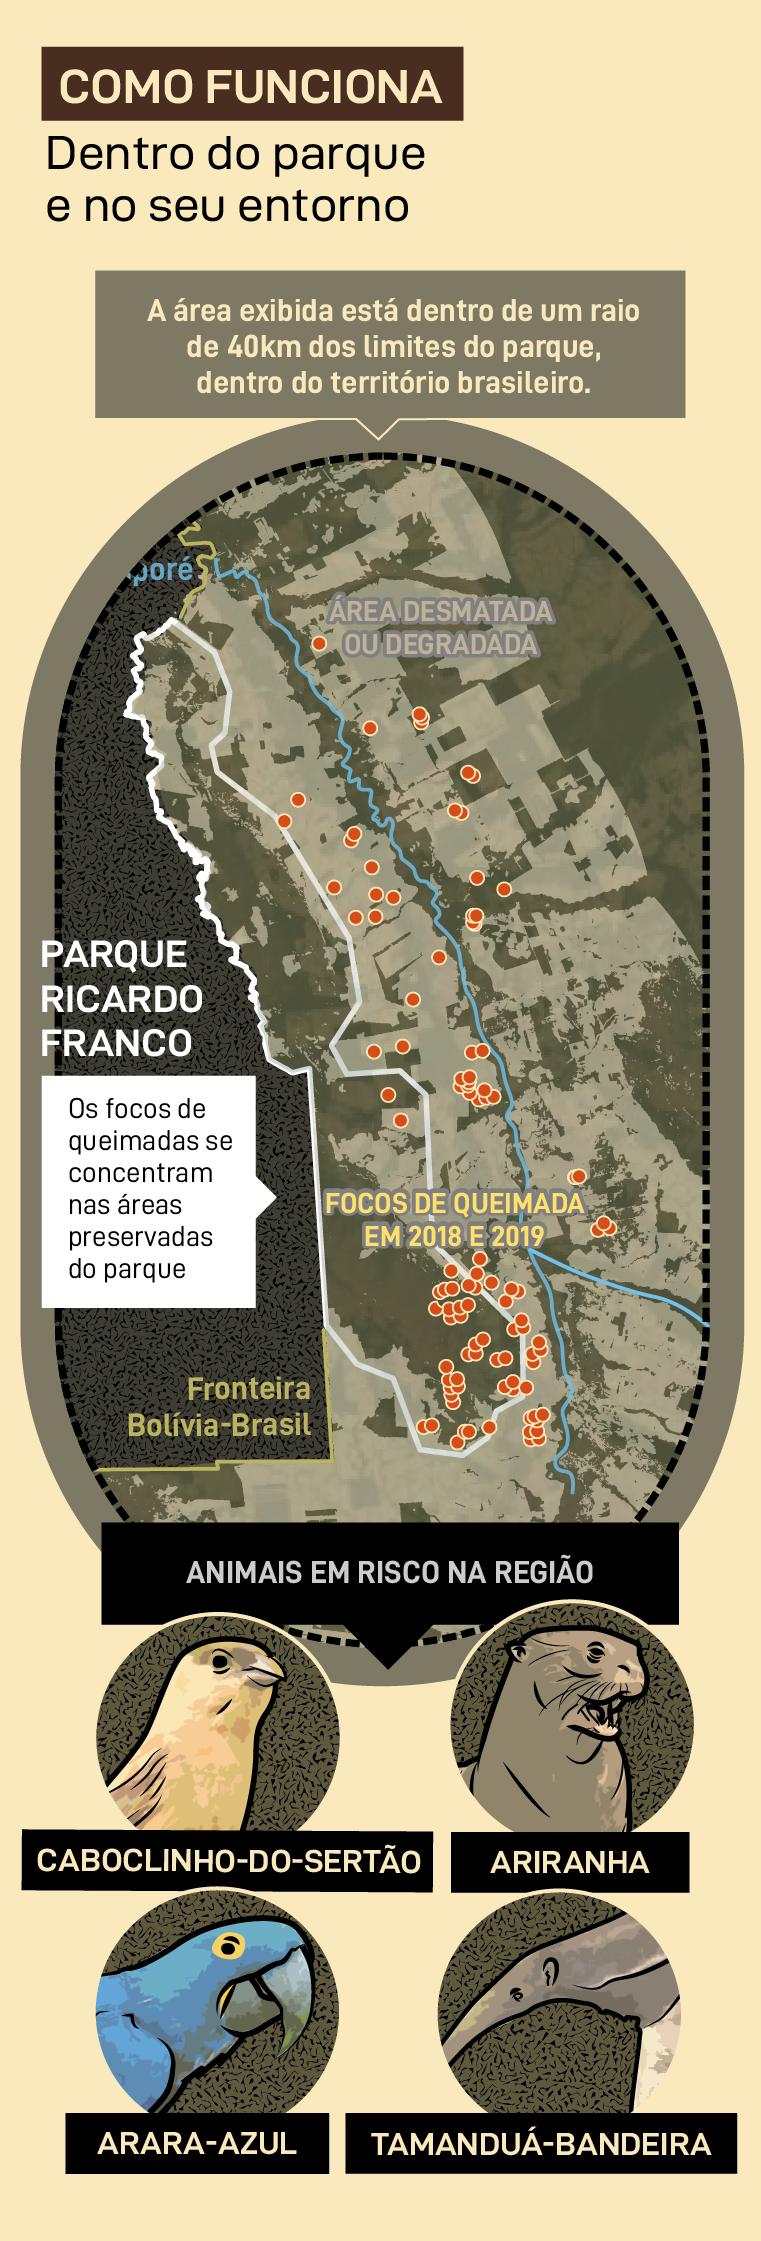 Áreas desmatadas Parque Ricardo Franco